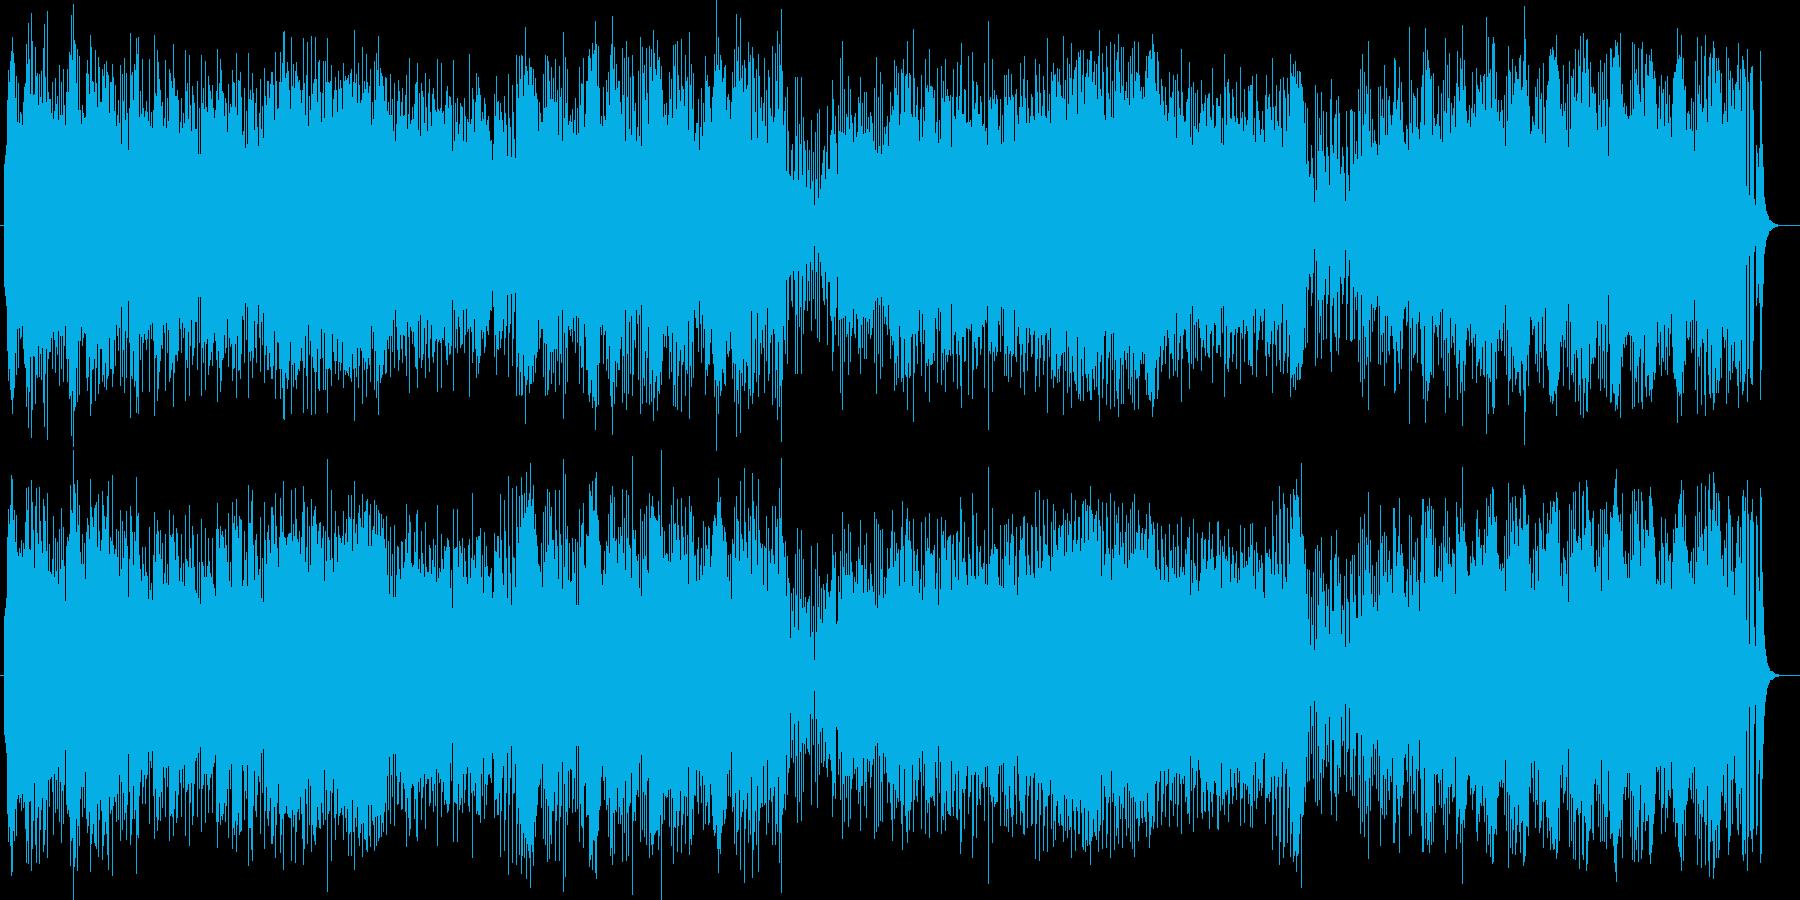 楽しげな印象のピアノポップスの再生済みの波形